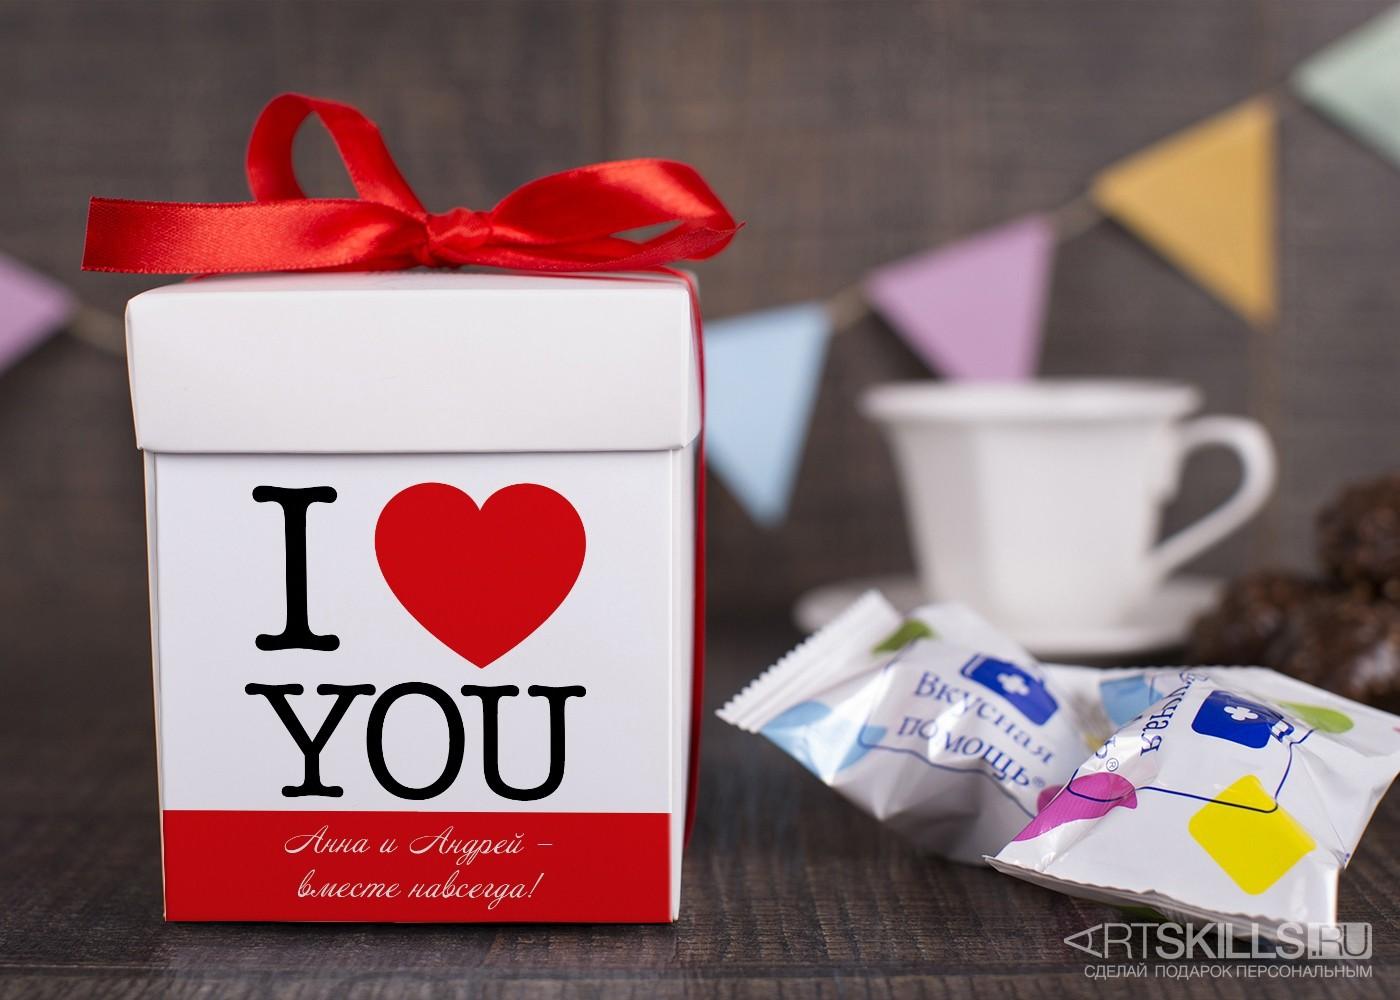 Ириски Признание в любви в именной упаковке